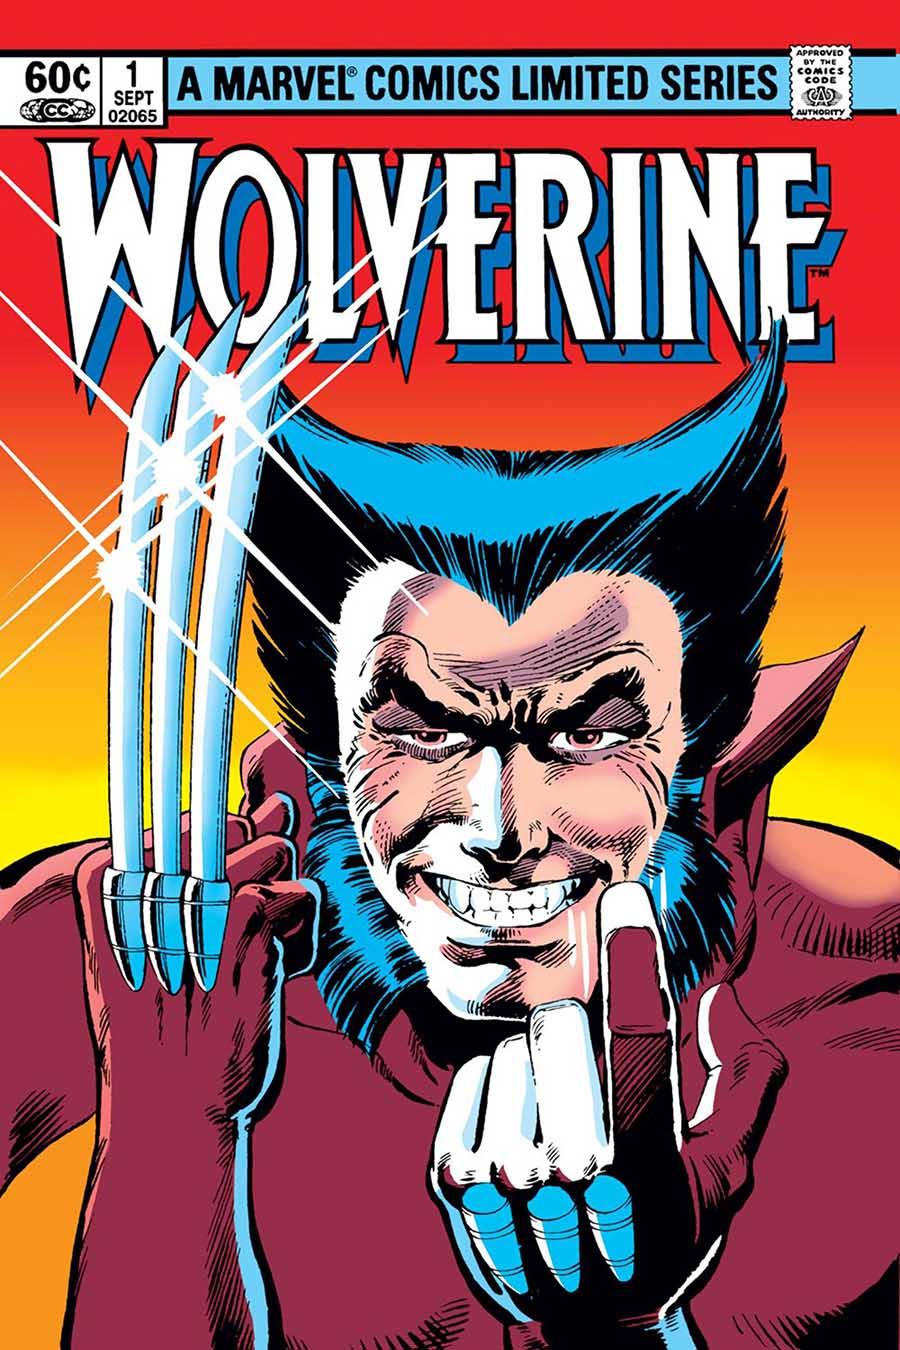 Wolverine (Claremont/Miller)